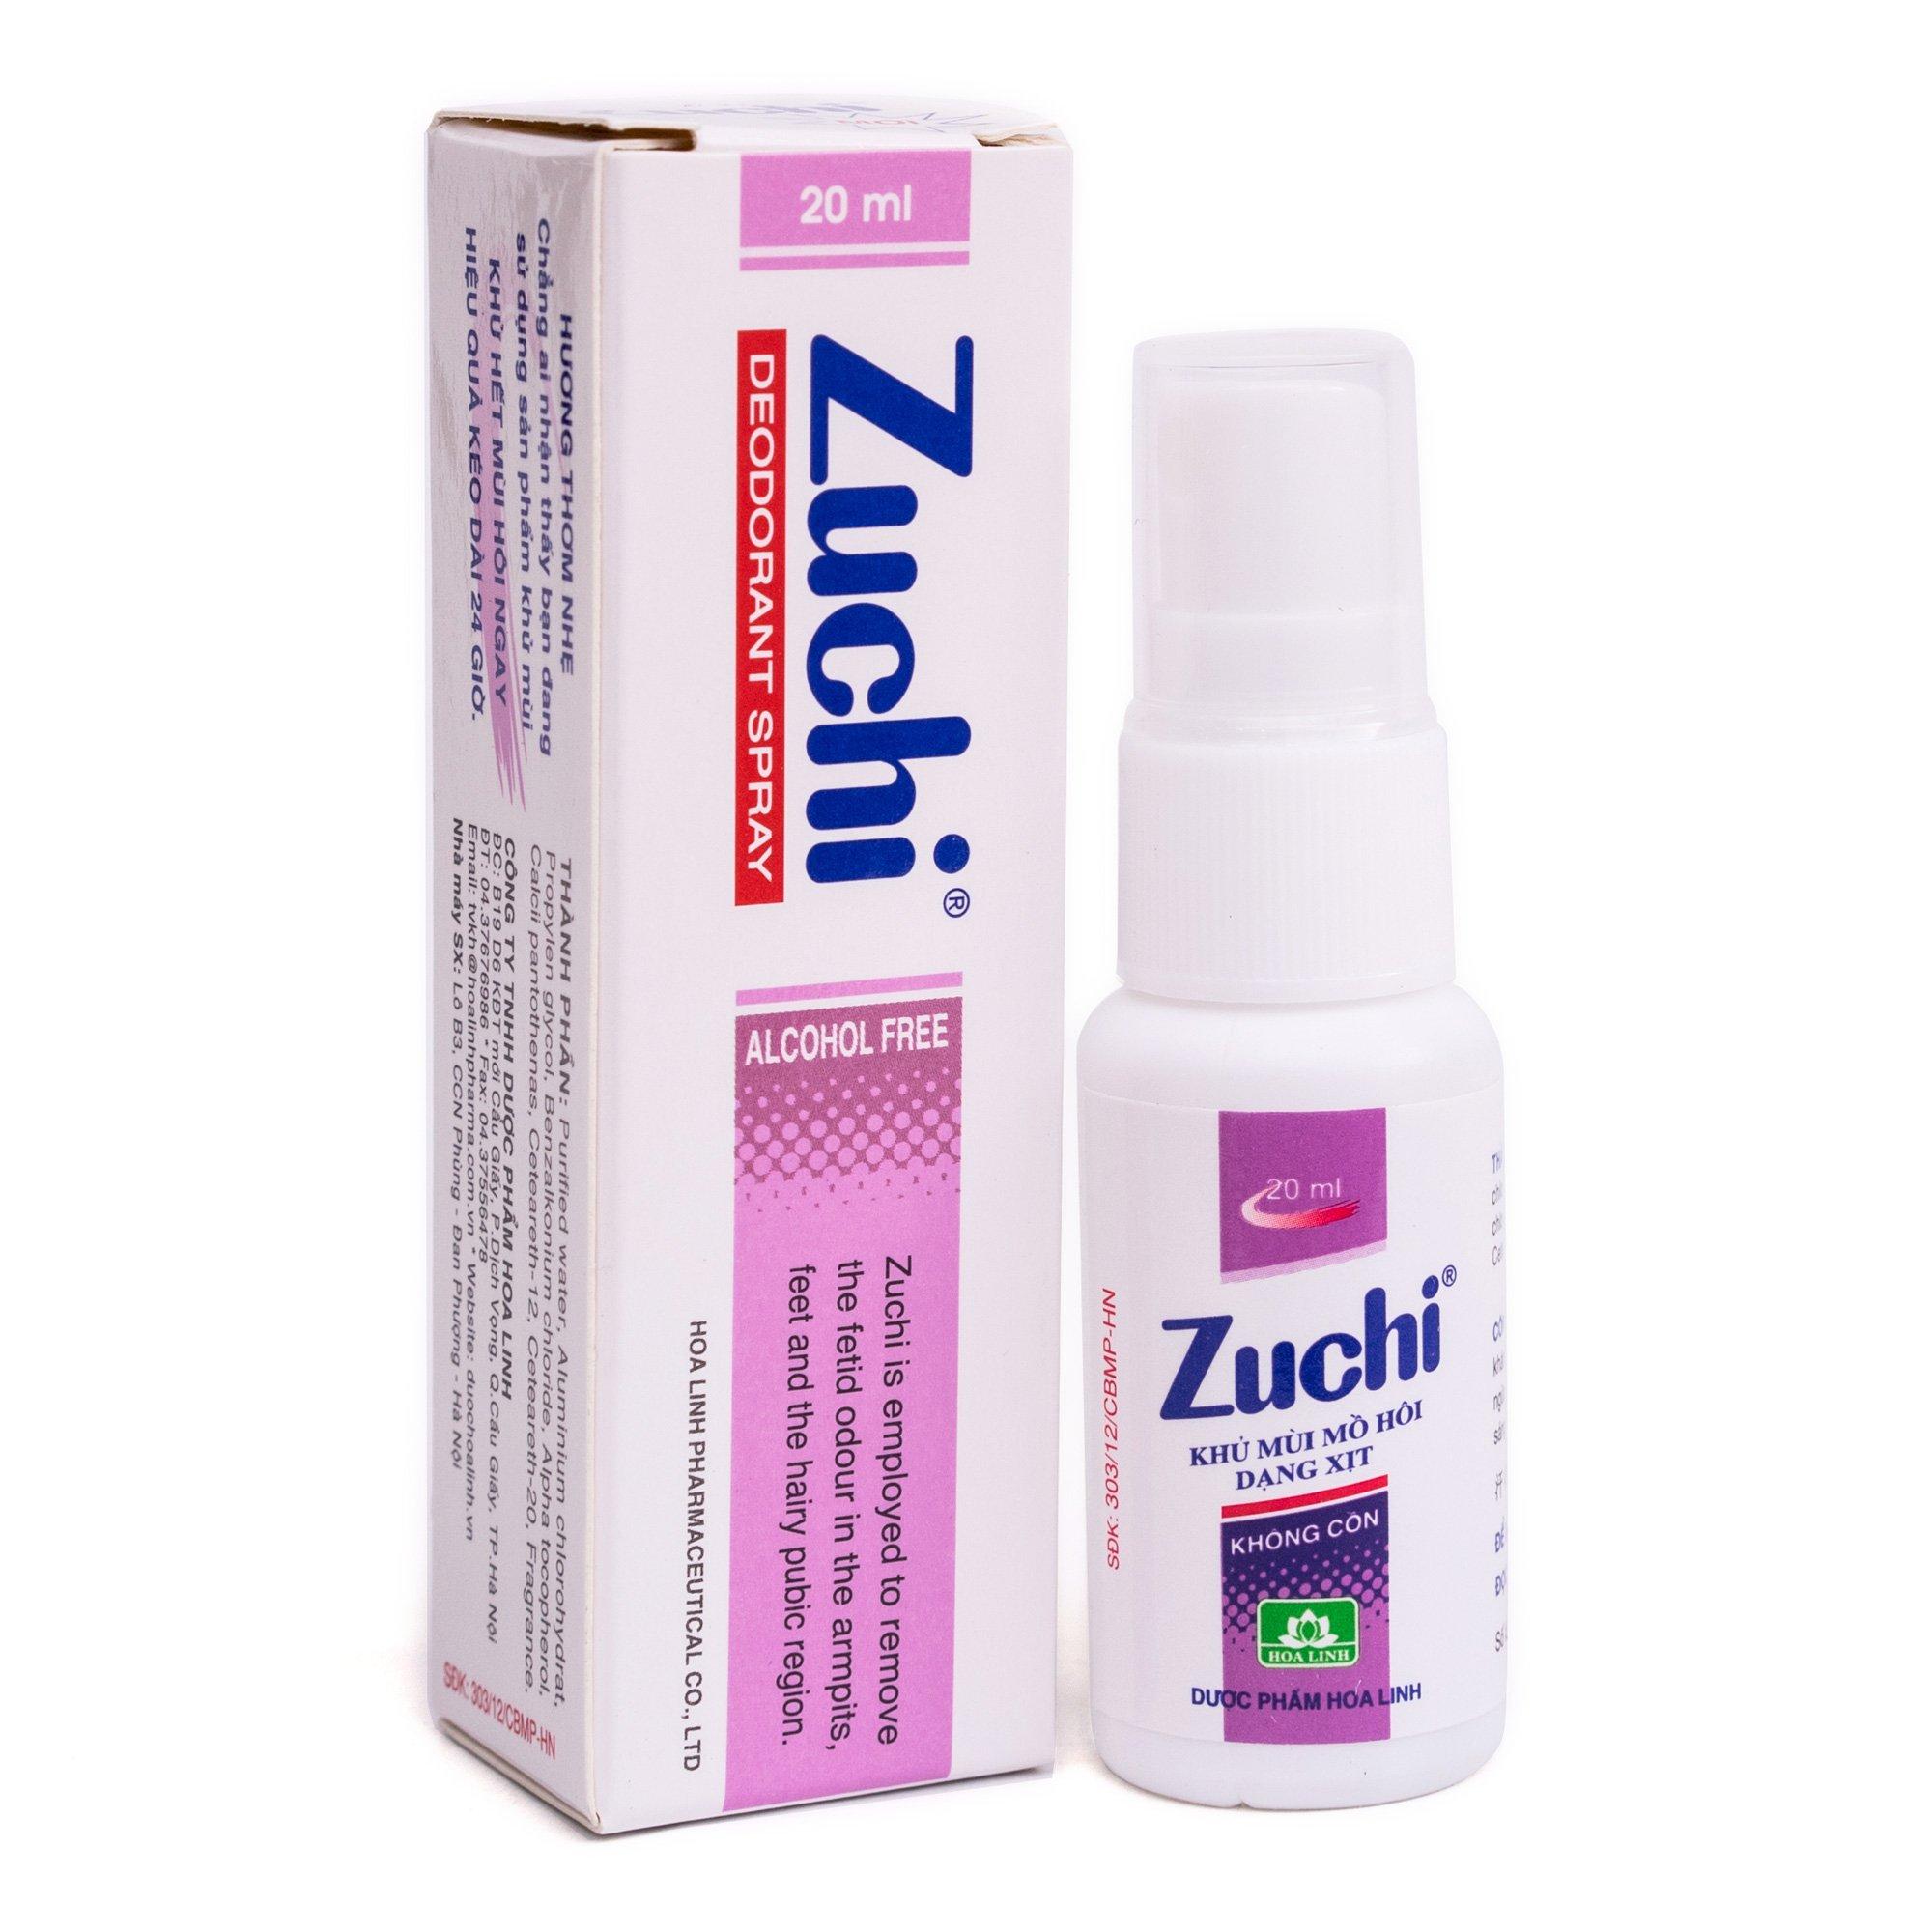 Xịt khử mùi hôi Zuchi không cồn.